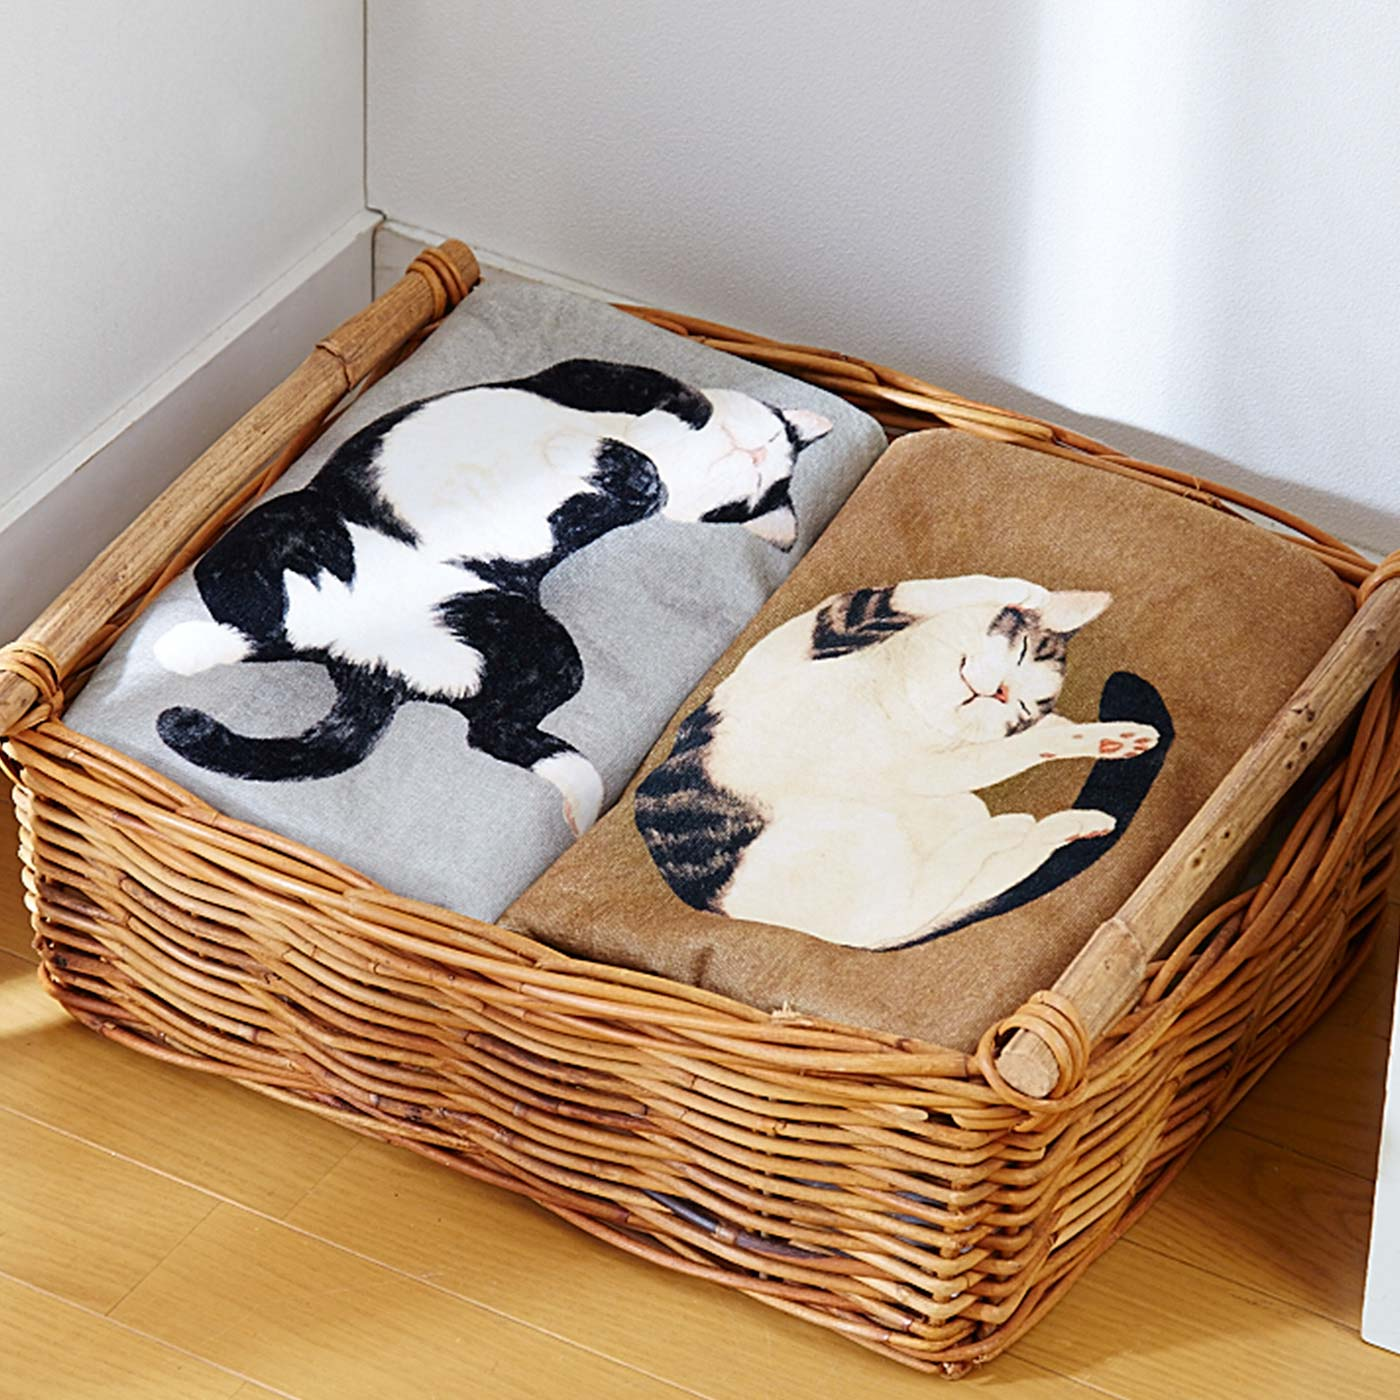 猫の重みでタオルが沈み込んでいるみたい。リアルなプリントにドキッとしてください。